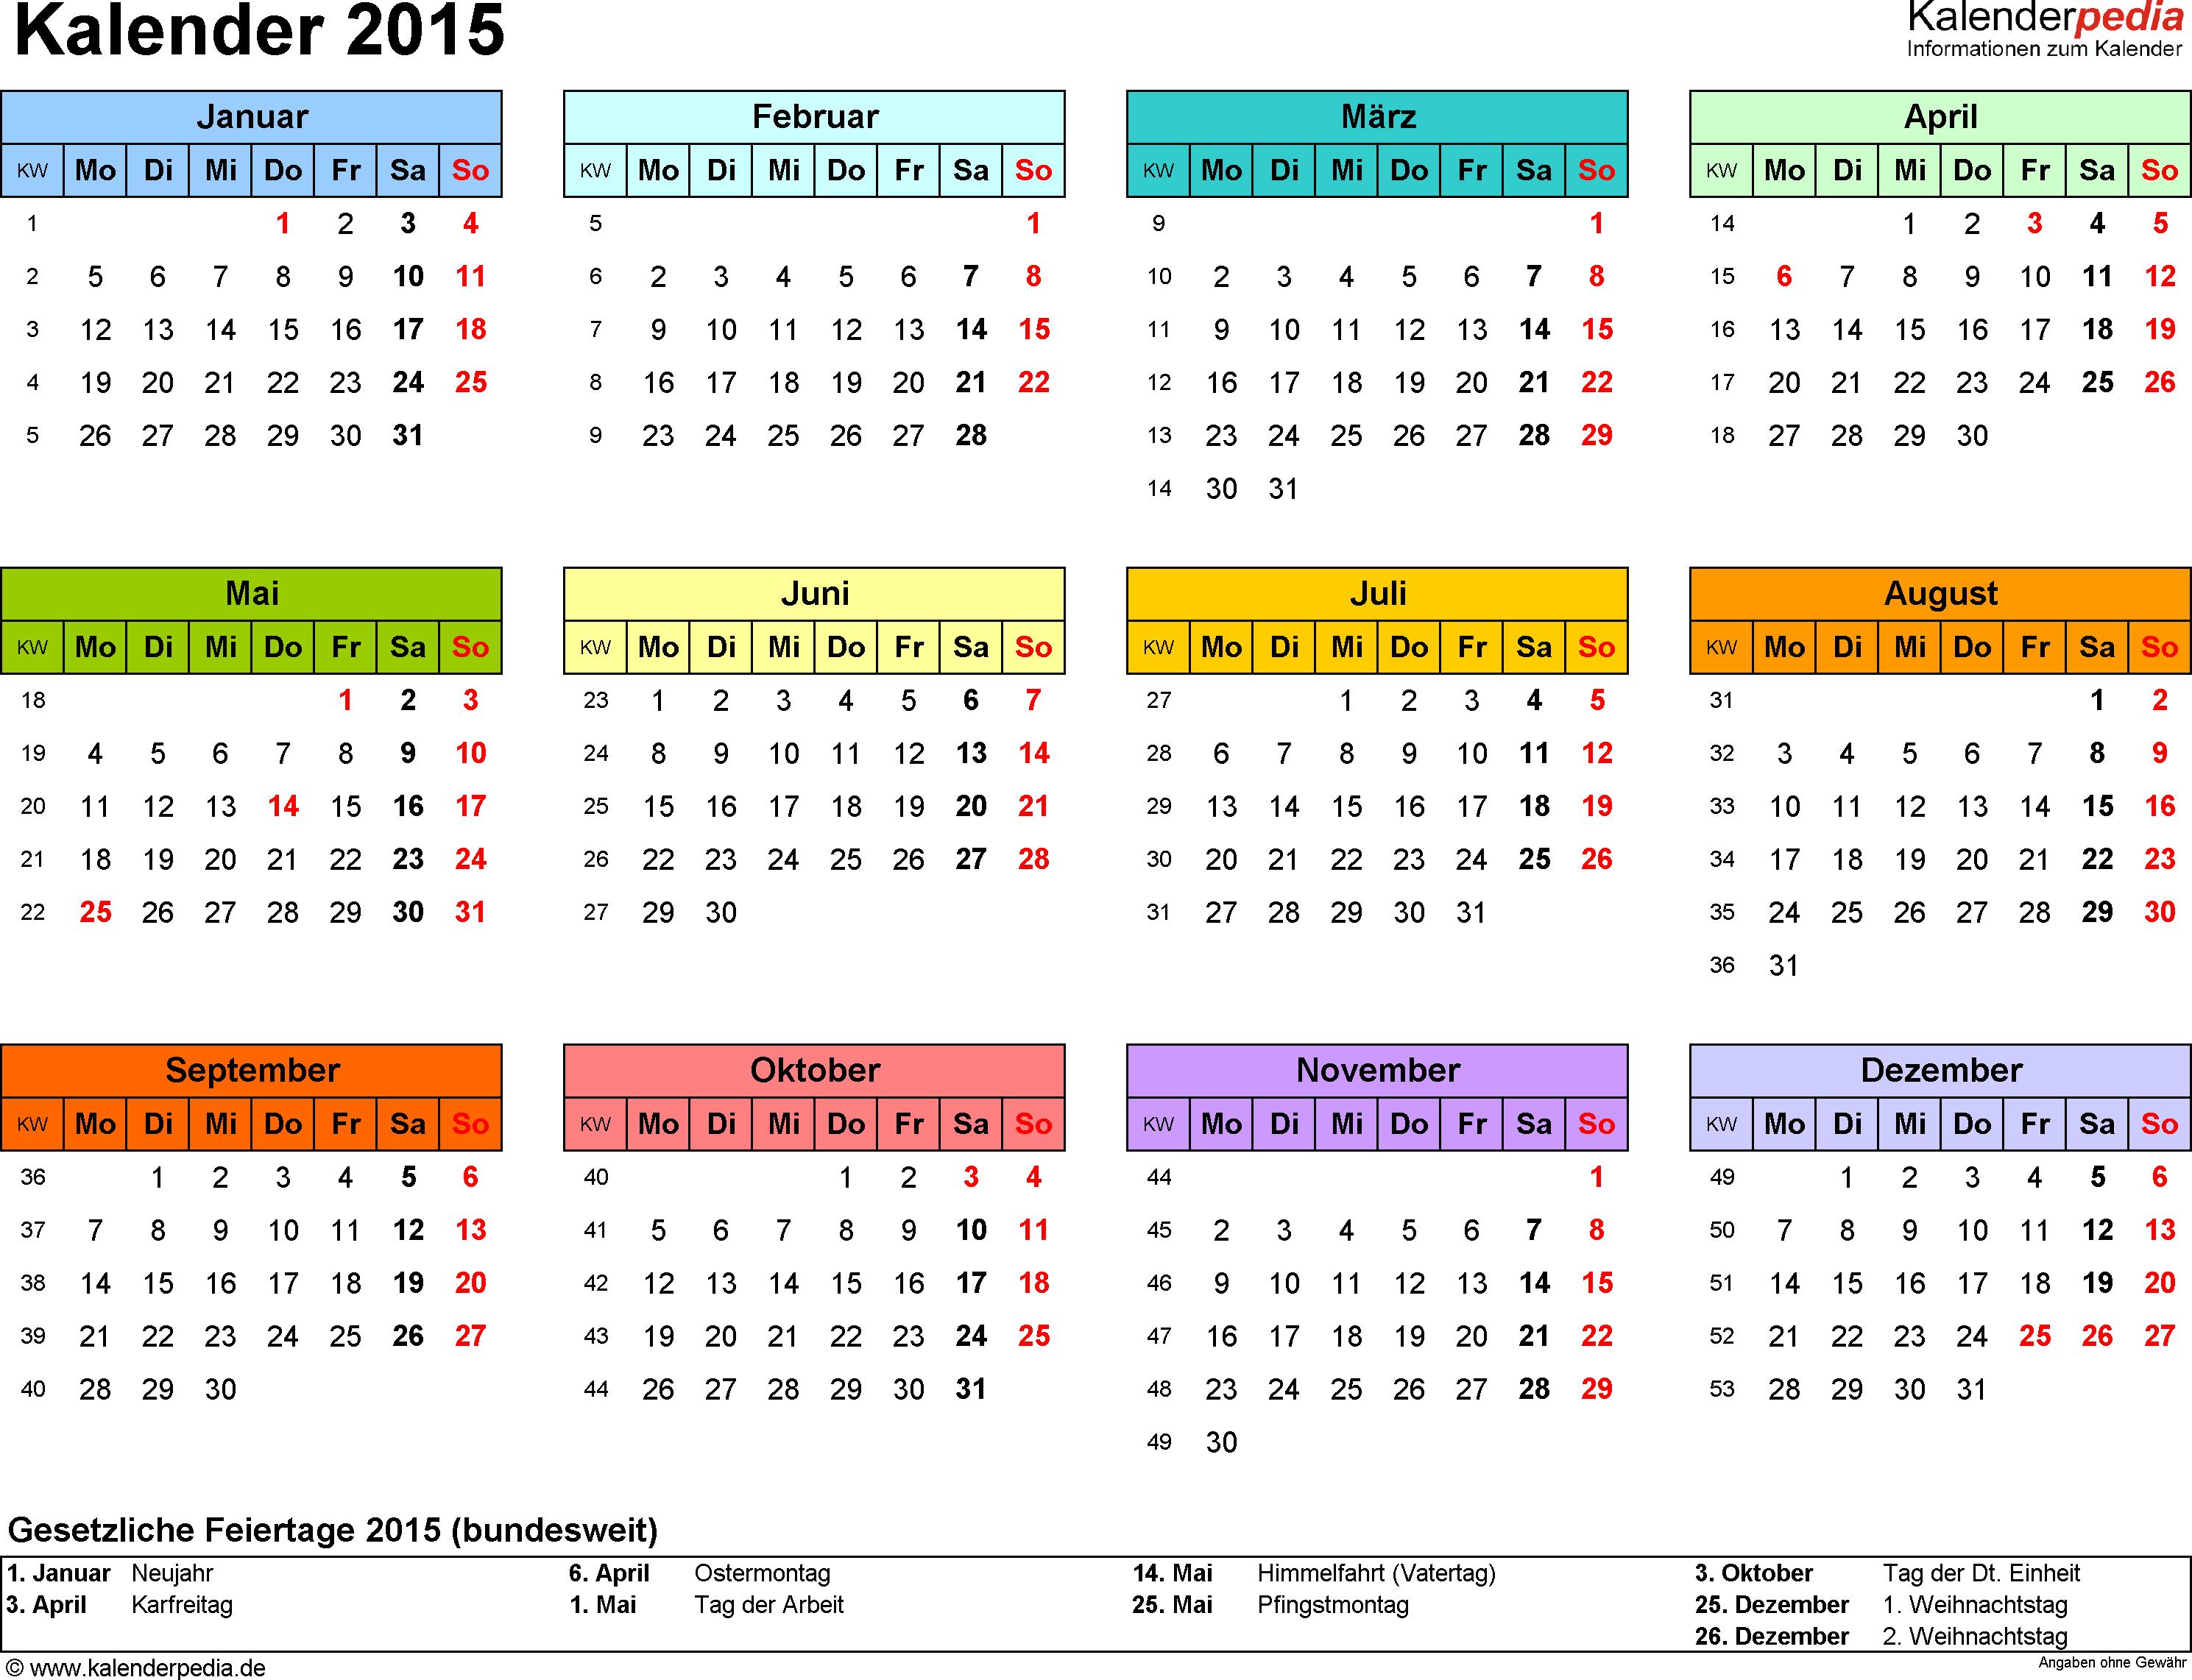 Kalenderpedia Informationen Zum Kalender Kalender 2015 Kalender Jahres Kalender